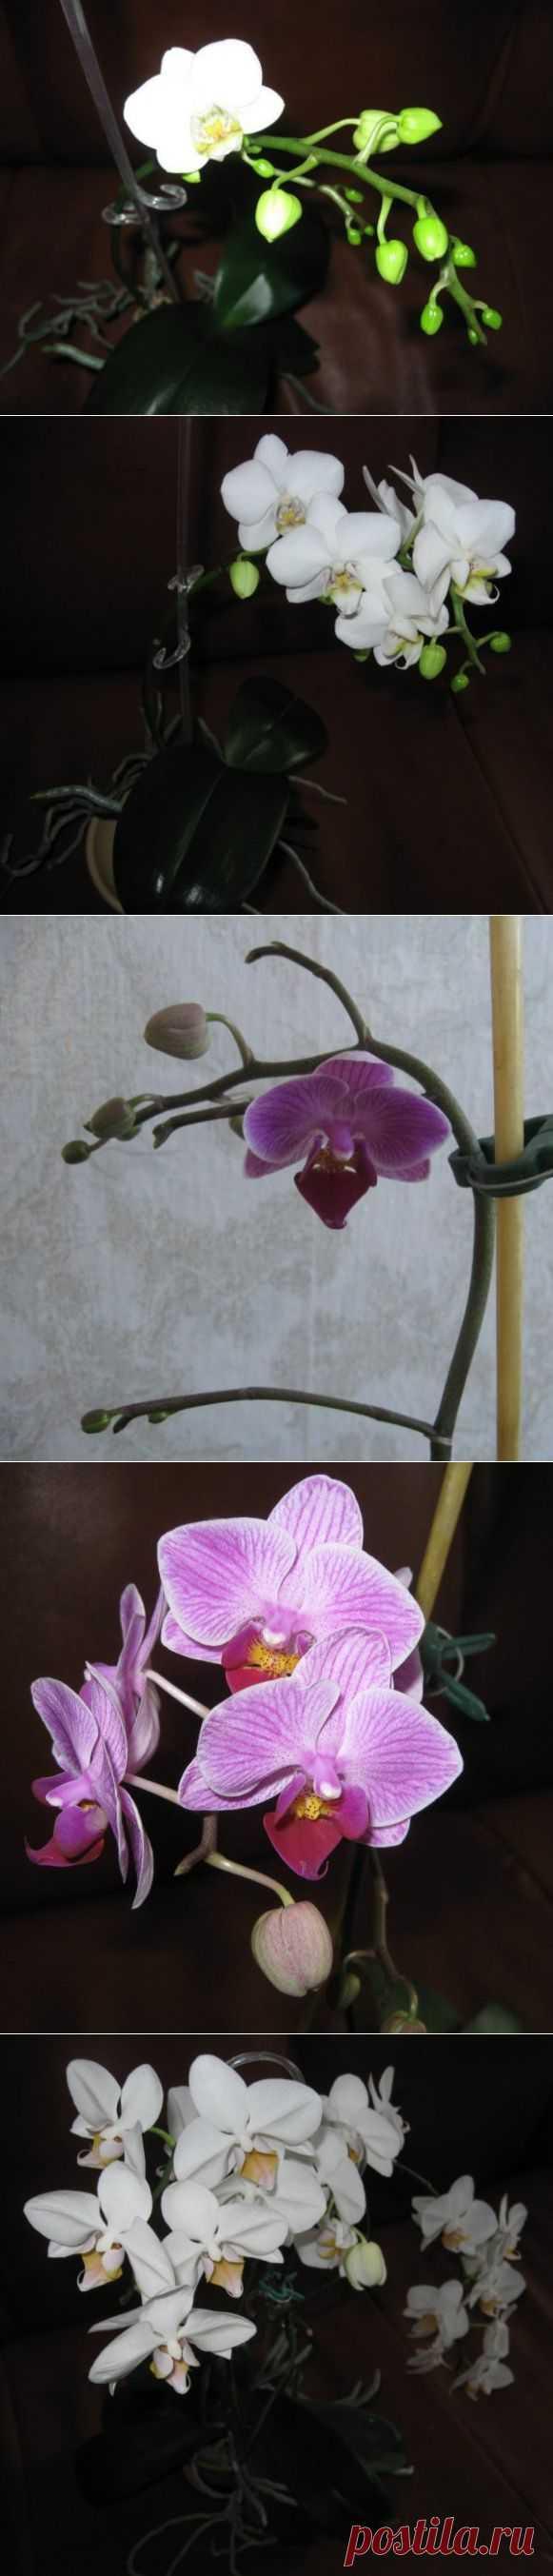 Цвет фаленопсиса и орхидеек | САД НА ПОДОКОННИКЕ